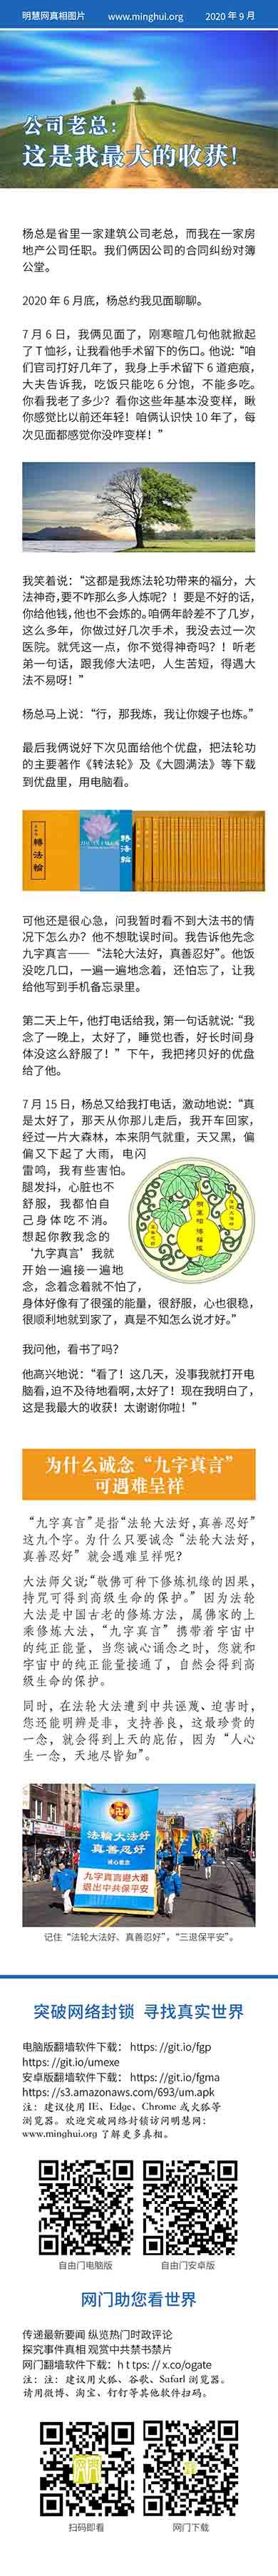 (2020年09月08日) 手机图片和彩信:公司老总:这是我最大的收获!